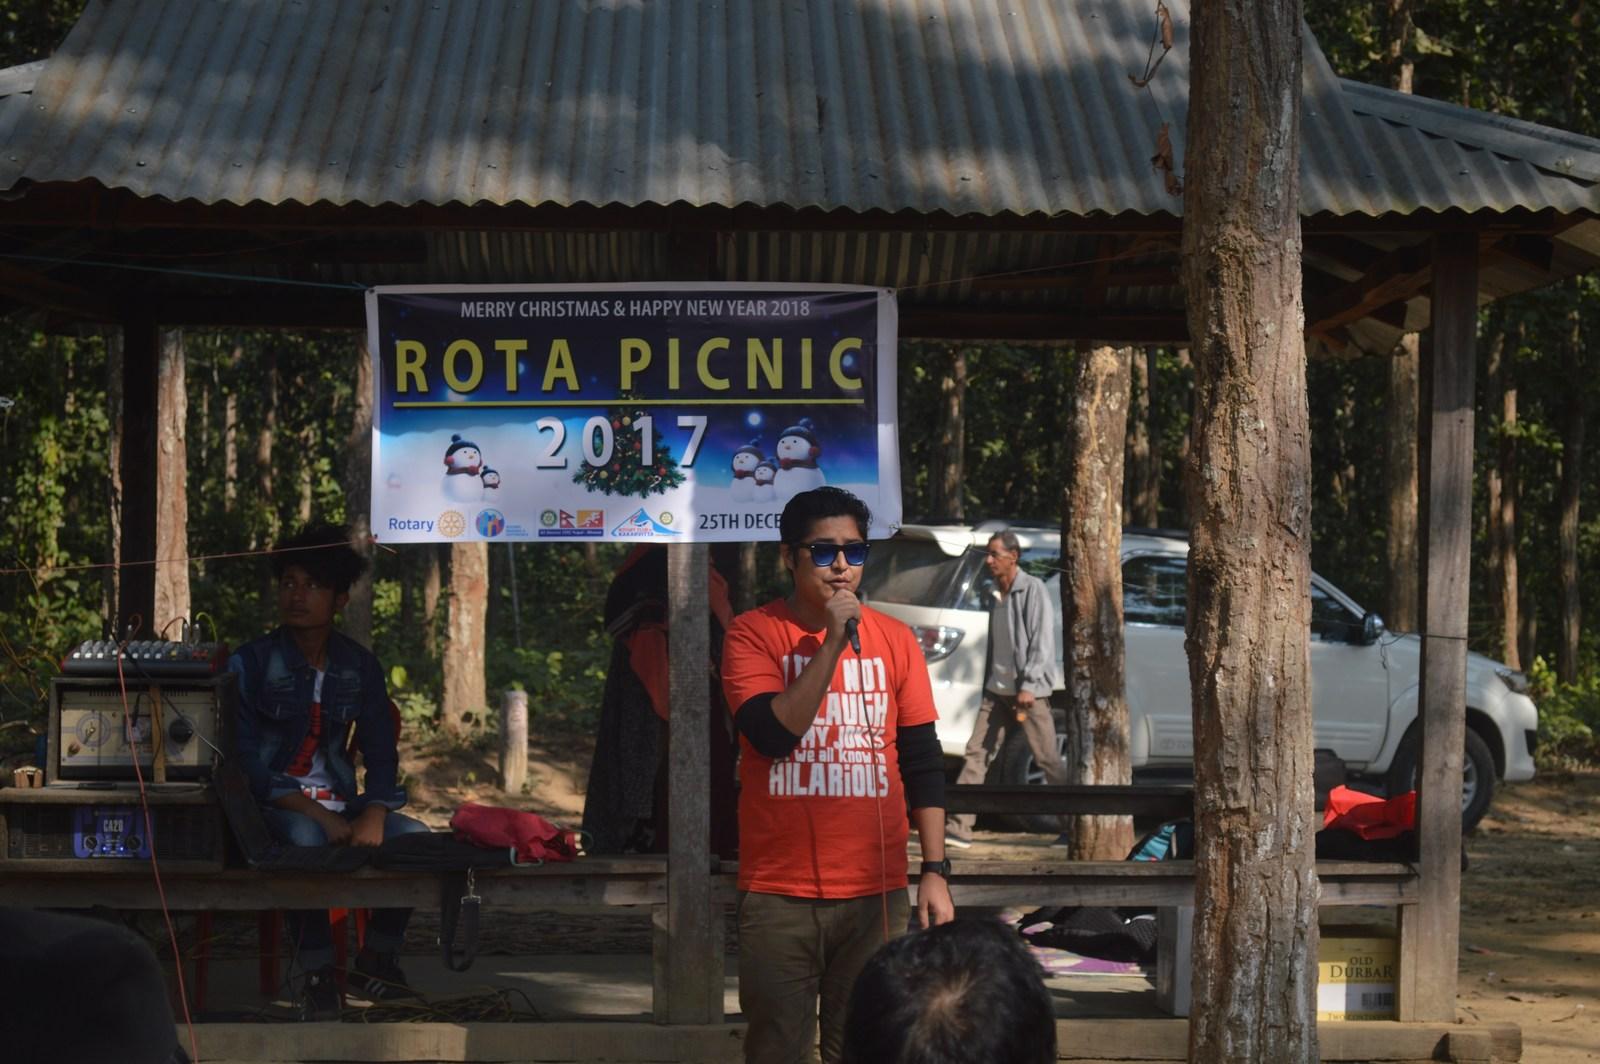 Rota-Picnic-2017-Rotary-Club-of-Kakarvitta-44